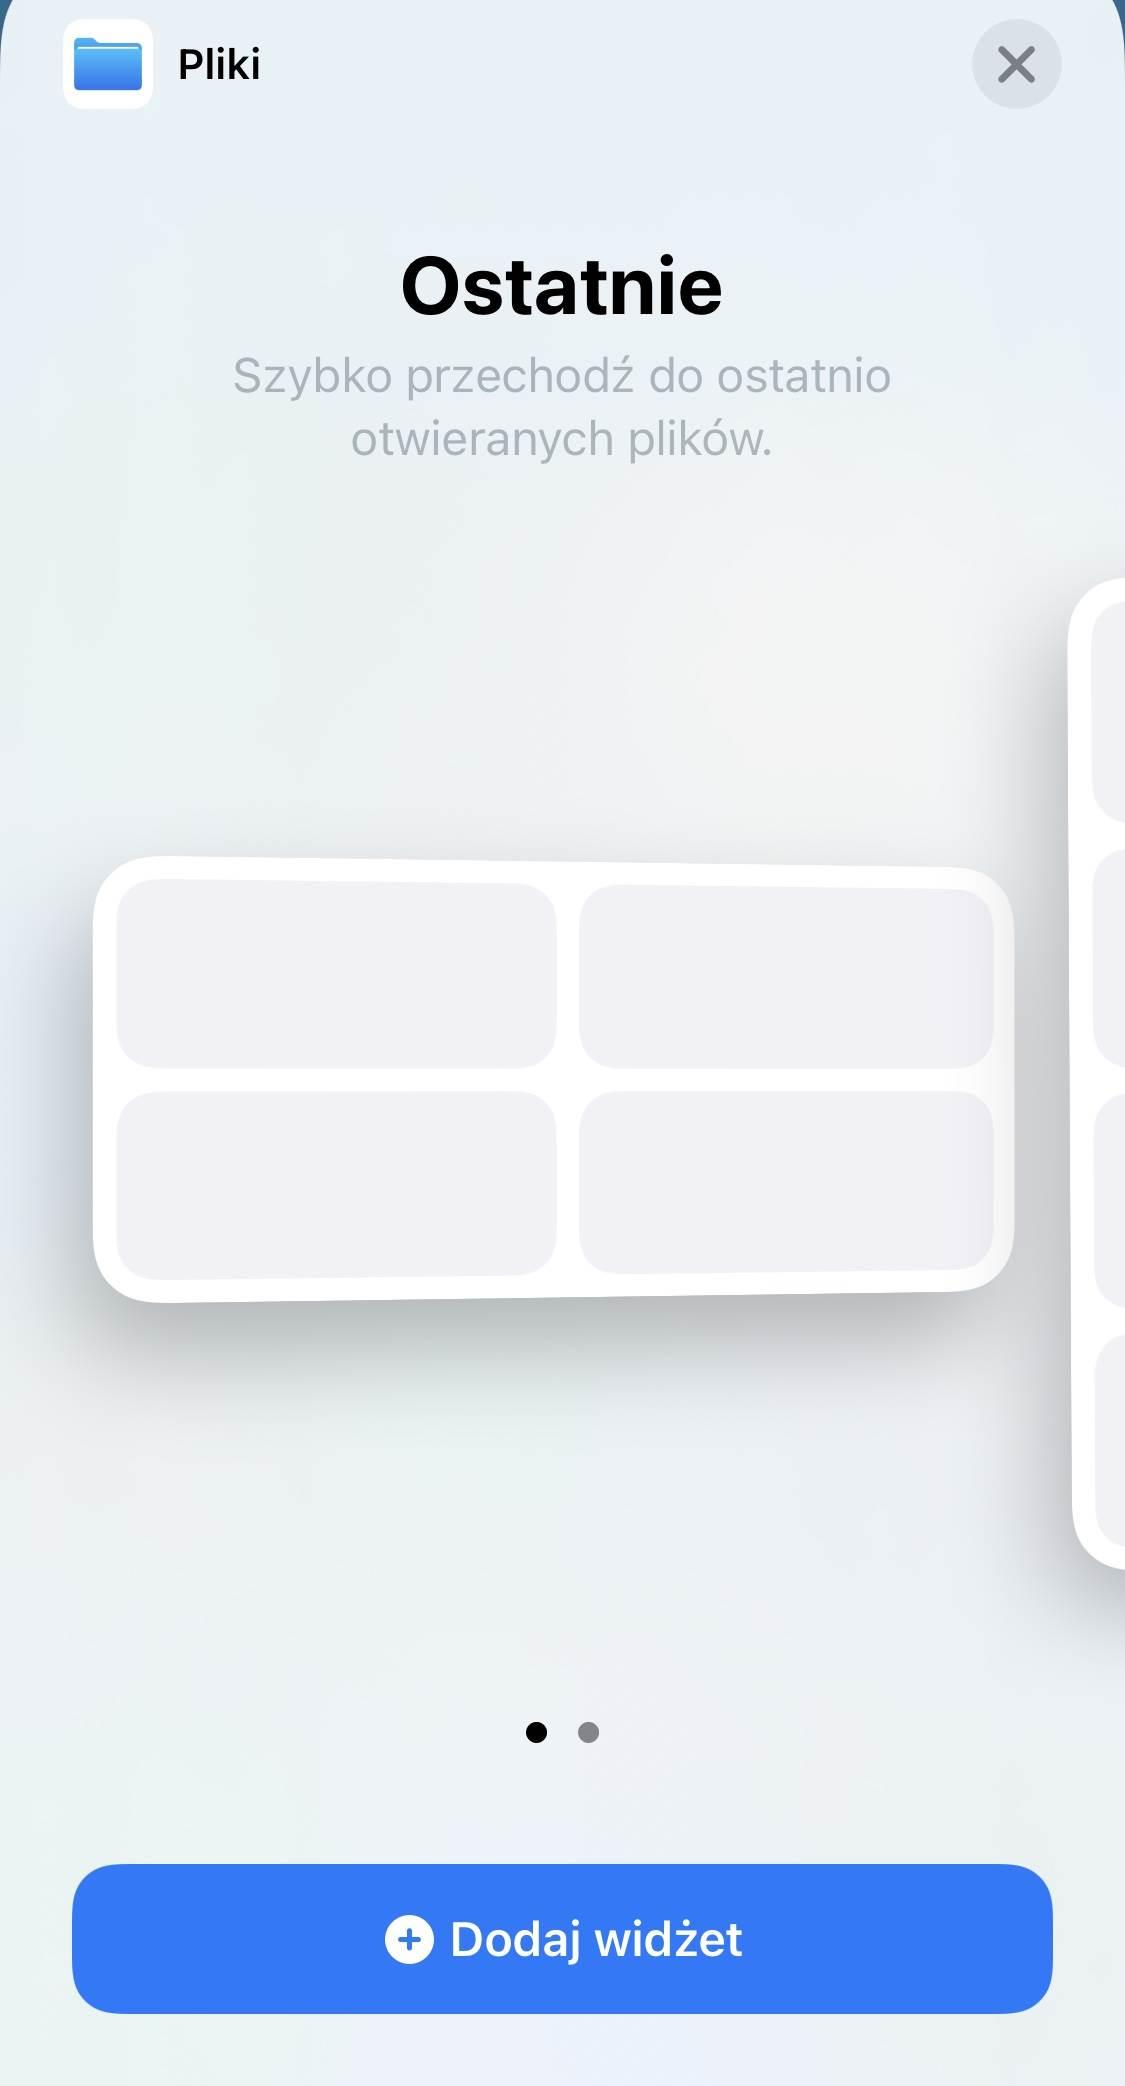 iOS 14 beta 2 dostępna do pobrania - lista zmian polecane, ciekawostki zmiany, Update, nowosci, lista zmian, iOS 14 beta 2 lista zmian, iOS 14 beta, co nowego w iOS 14 beta 2, co nowego, Apple, Aktualizacja  Od czasu udostępnienia pierwszej bety iOS 14 minęły nieco ponad dwa tygodnie, więc zgodnie z tradycją Apple udostępniło właśnie deweloperom drugą betę iOS 14. Co zostało zmienione w stosunku do pierwszej bety najnowszego iOS? IMG 3370